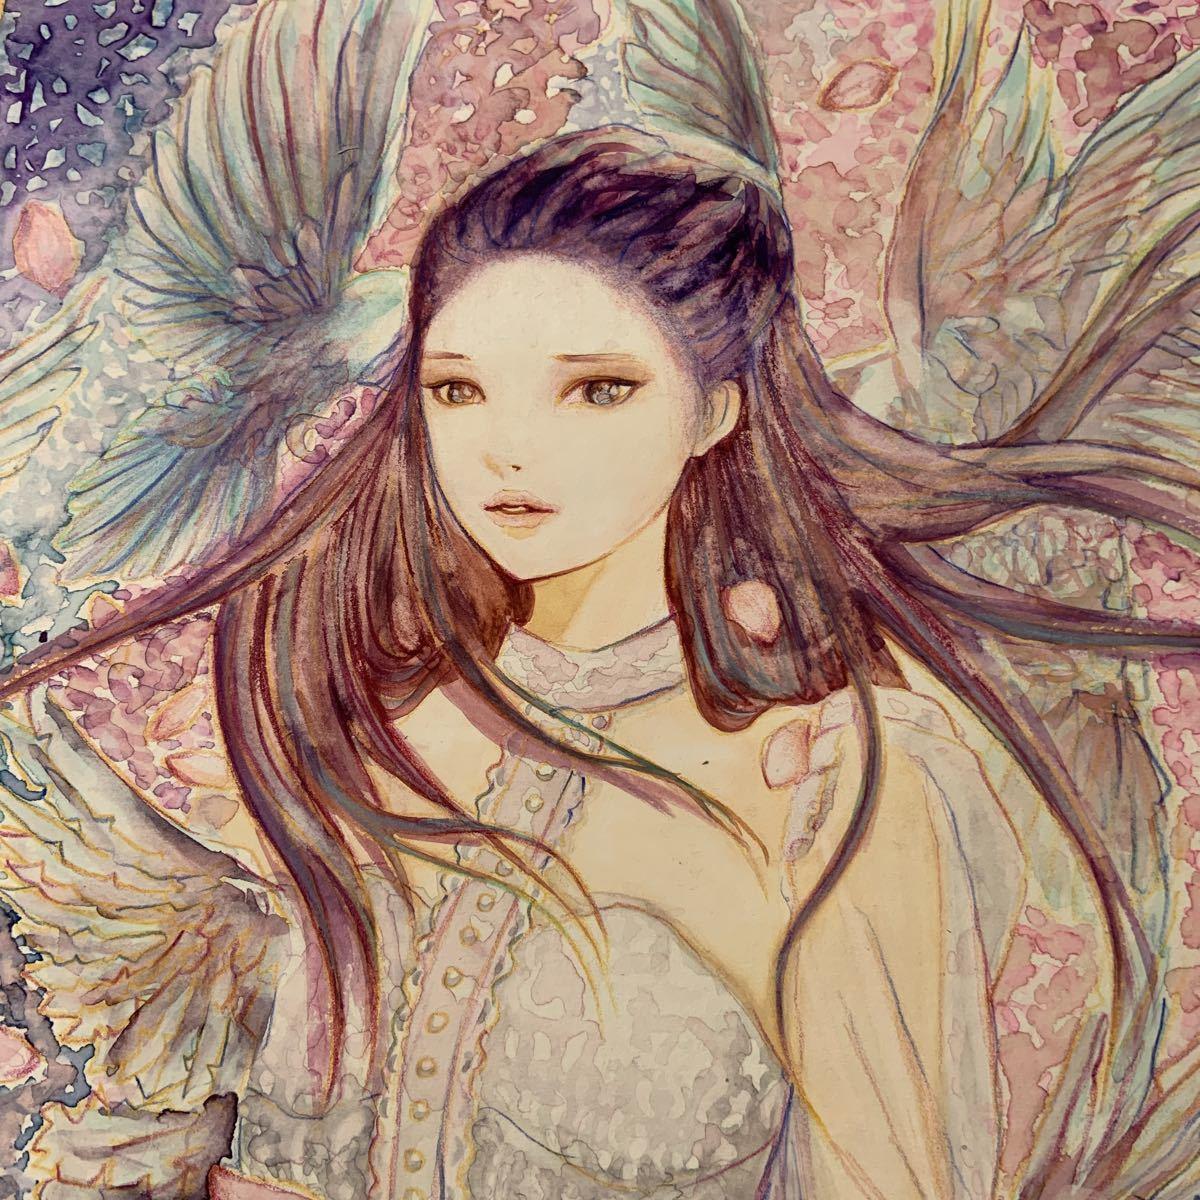 手描きイラスト 水彩画 【春の風】_画像2